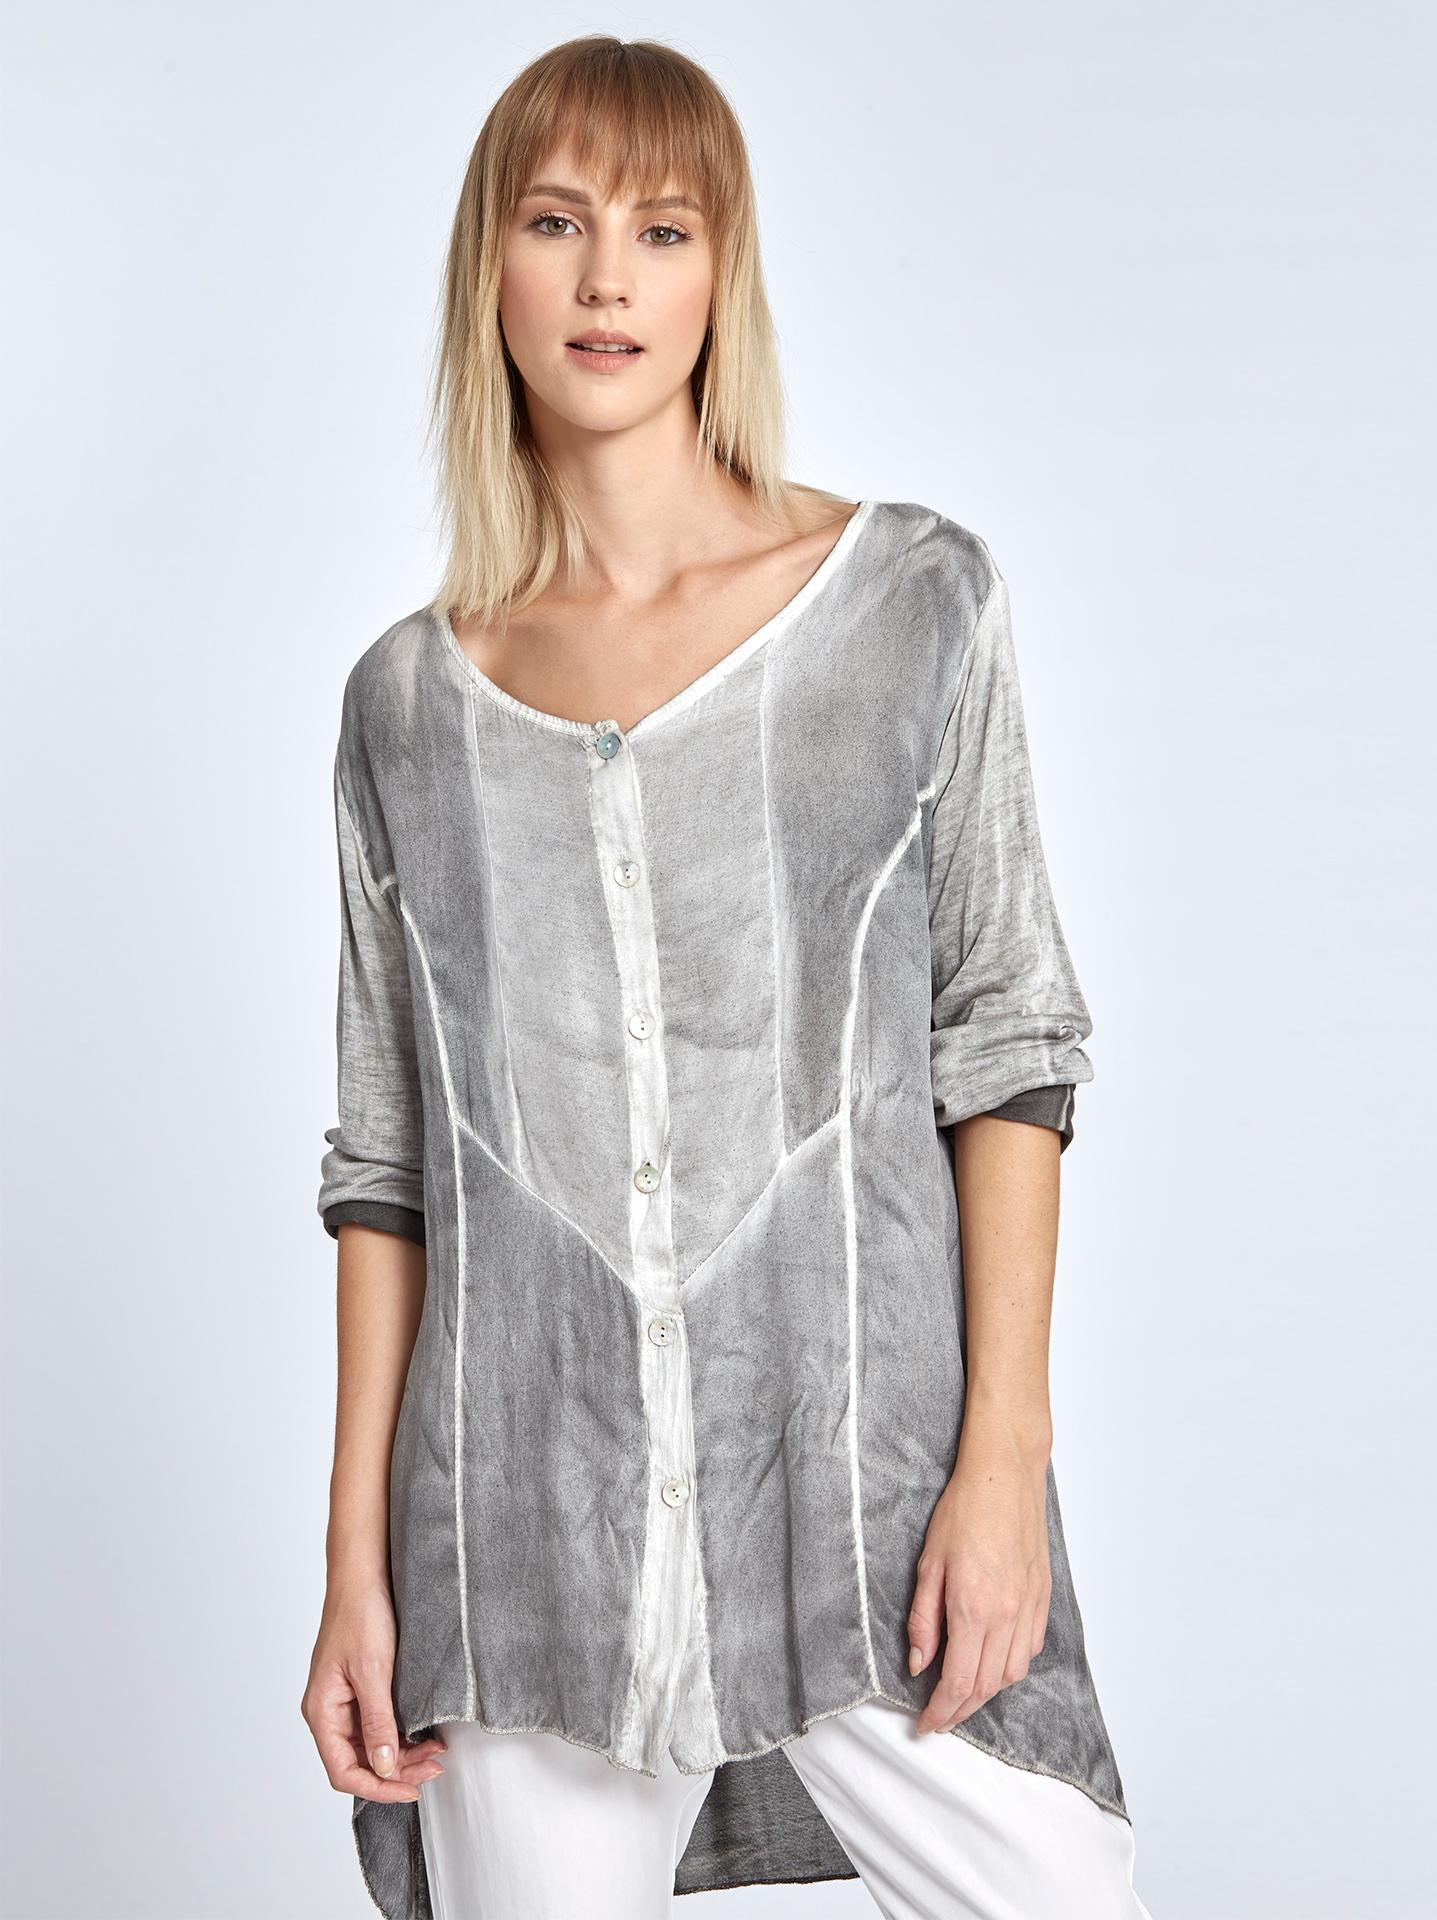 Μακρύ πουκάμισο με ξεβαμμένη όψη σε γκρι ανοιχτο 183af85b226